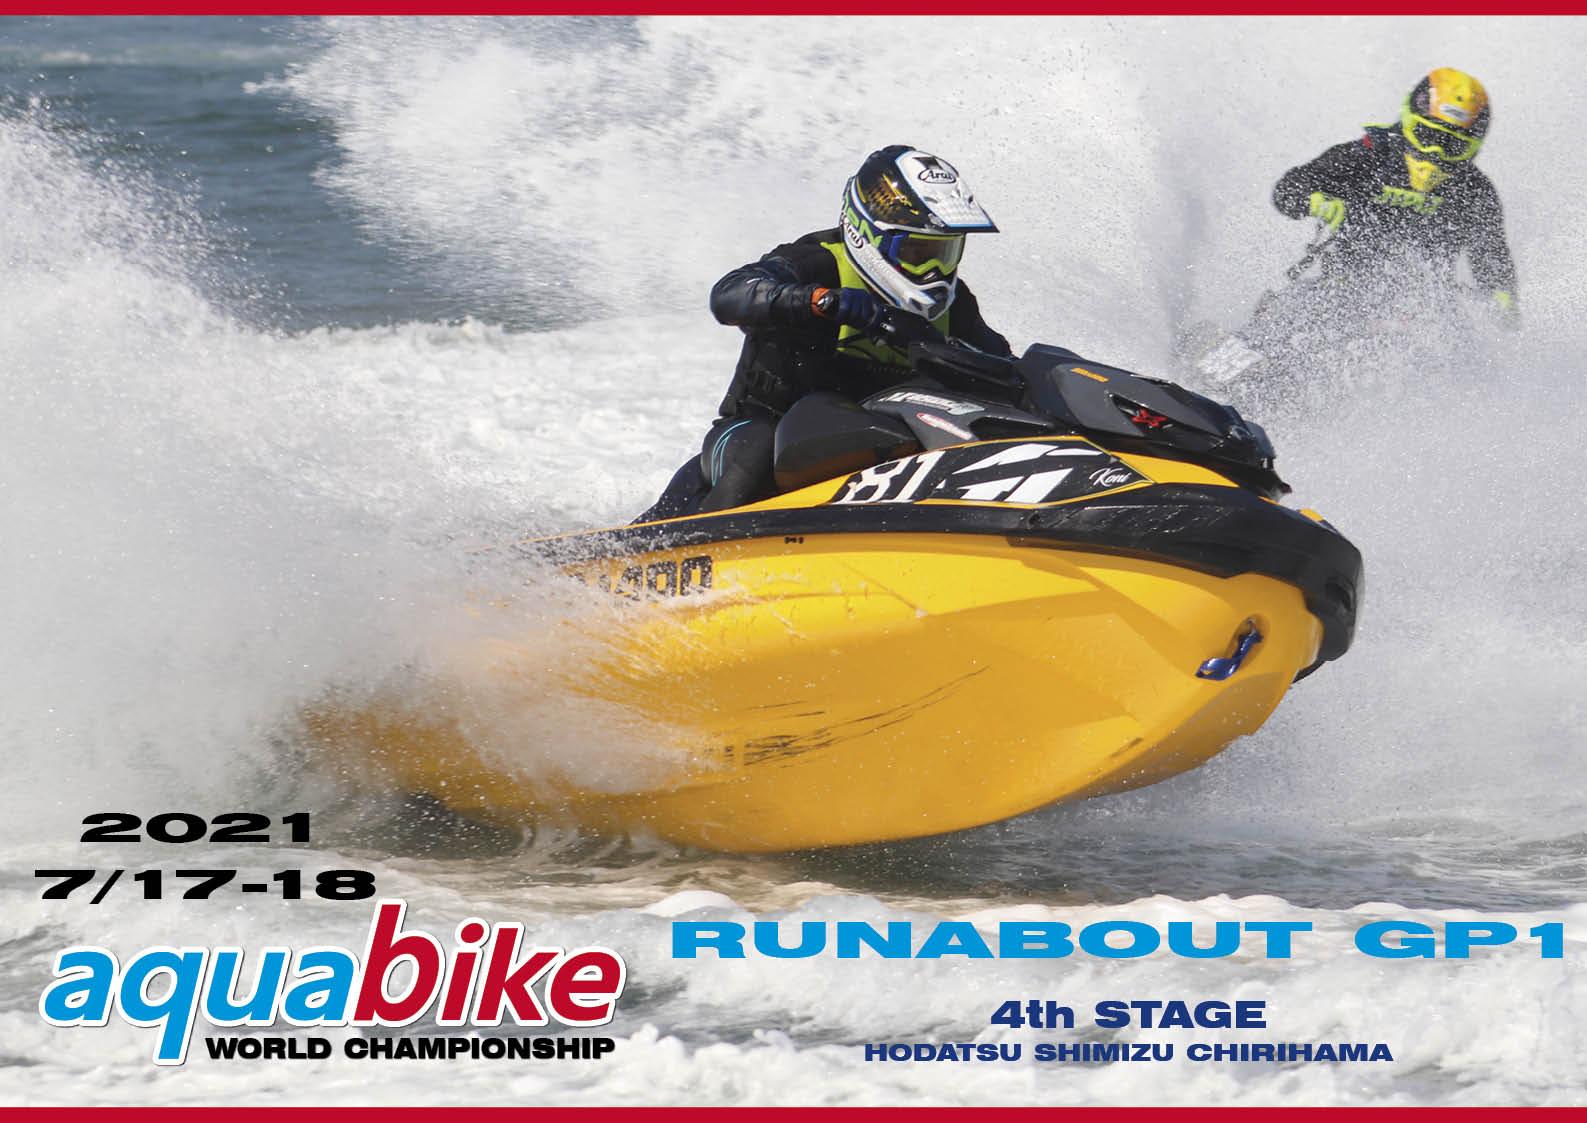 「日本のレース 」 aquabike 2021「RUNABOUT GP1」 第 4 戦「宝達志水・千里浜大会」 ジェットスキー(水上バイク)